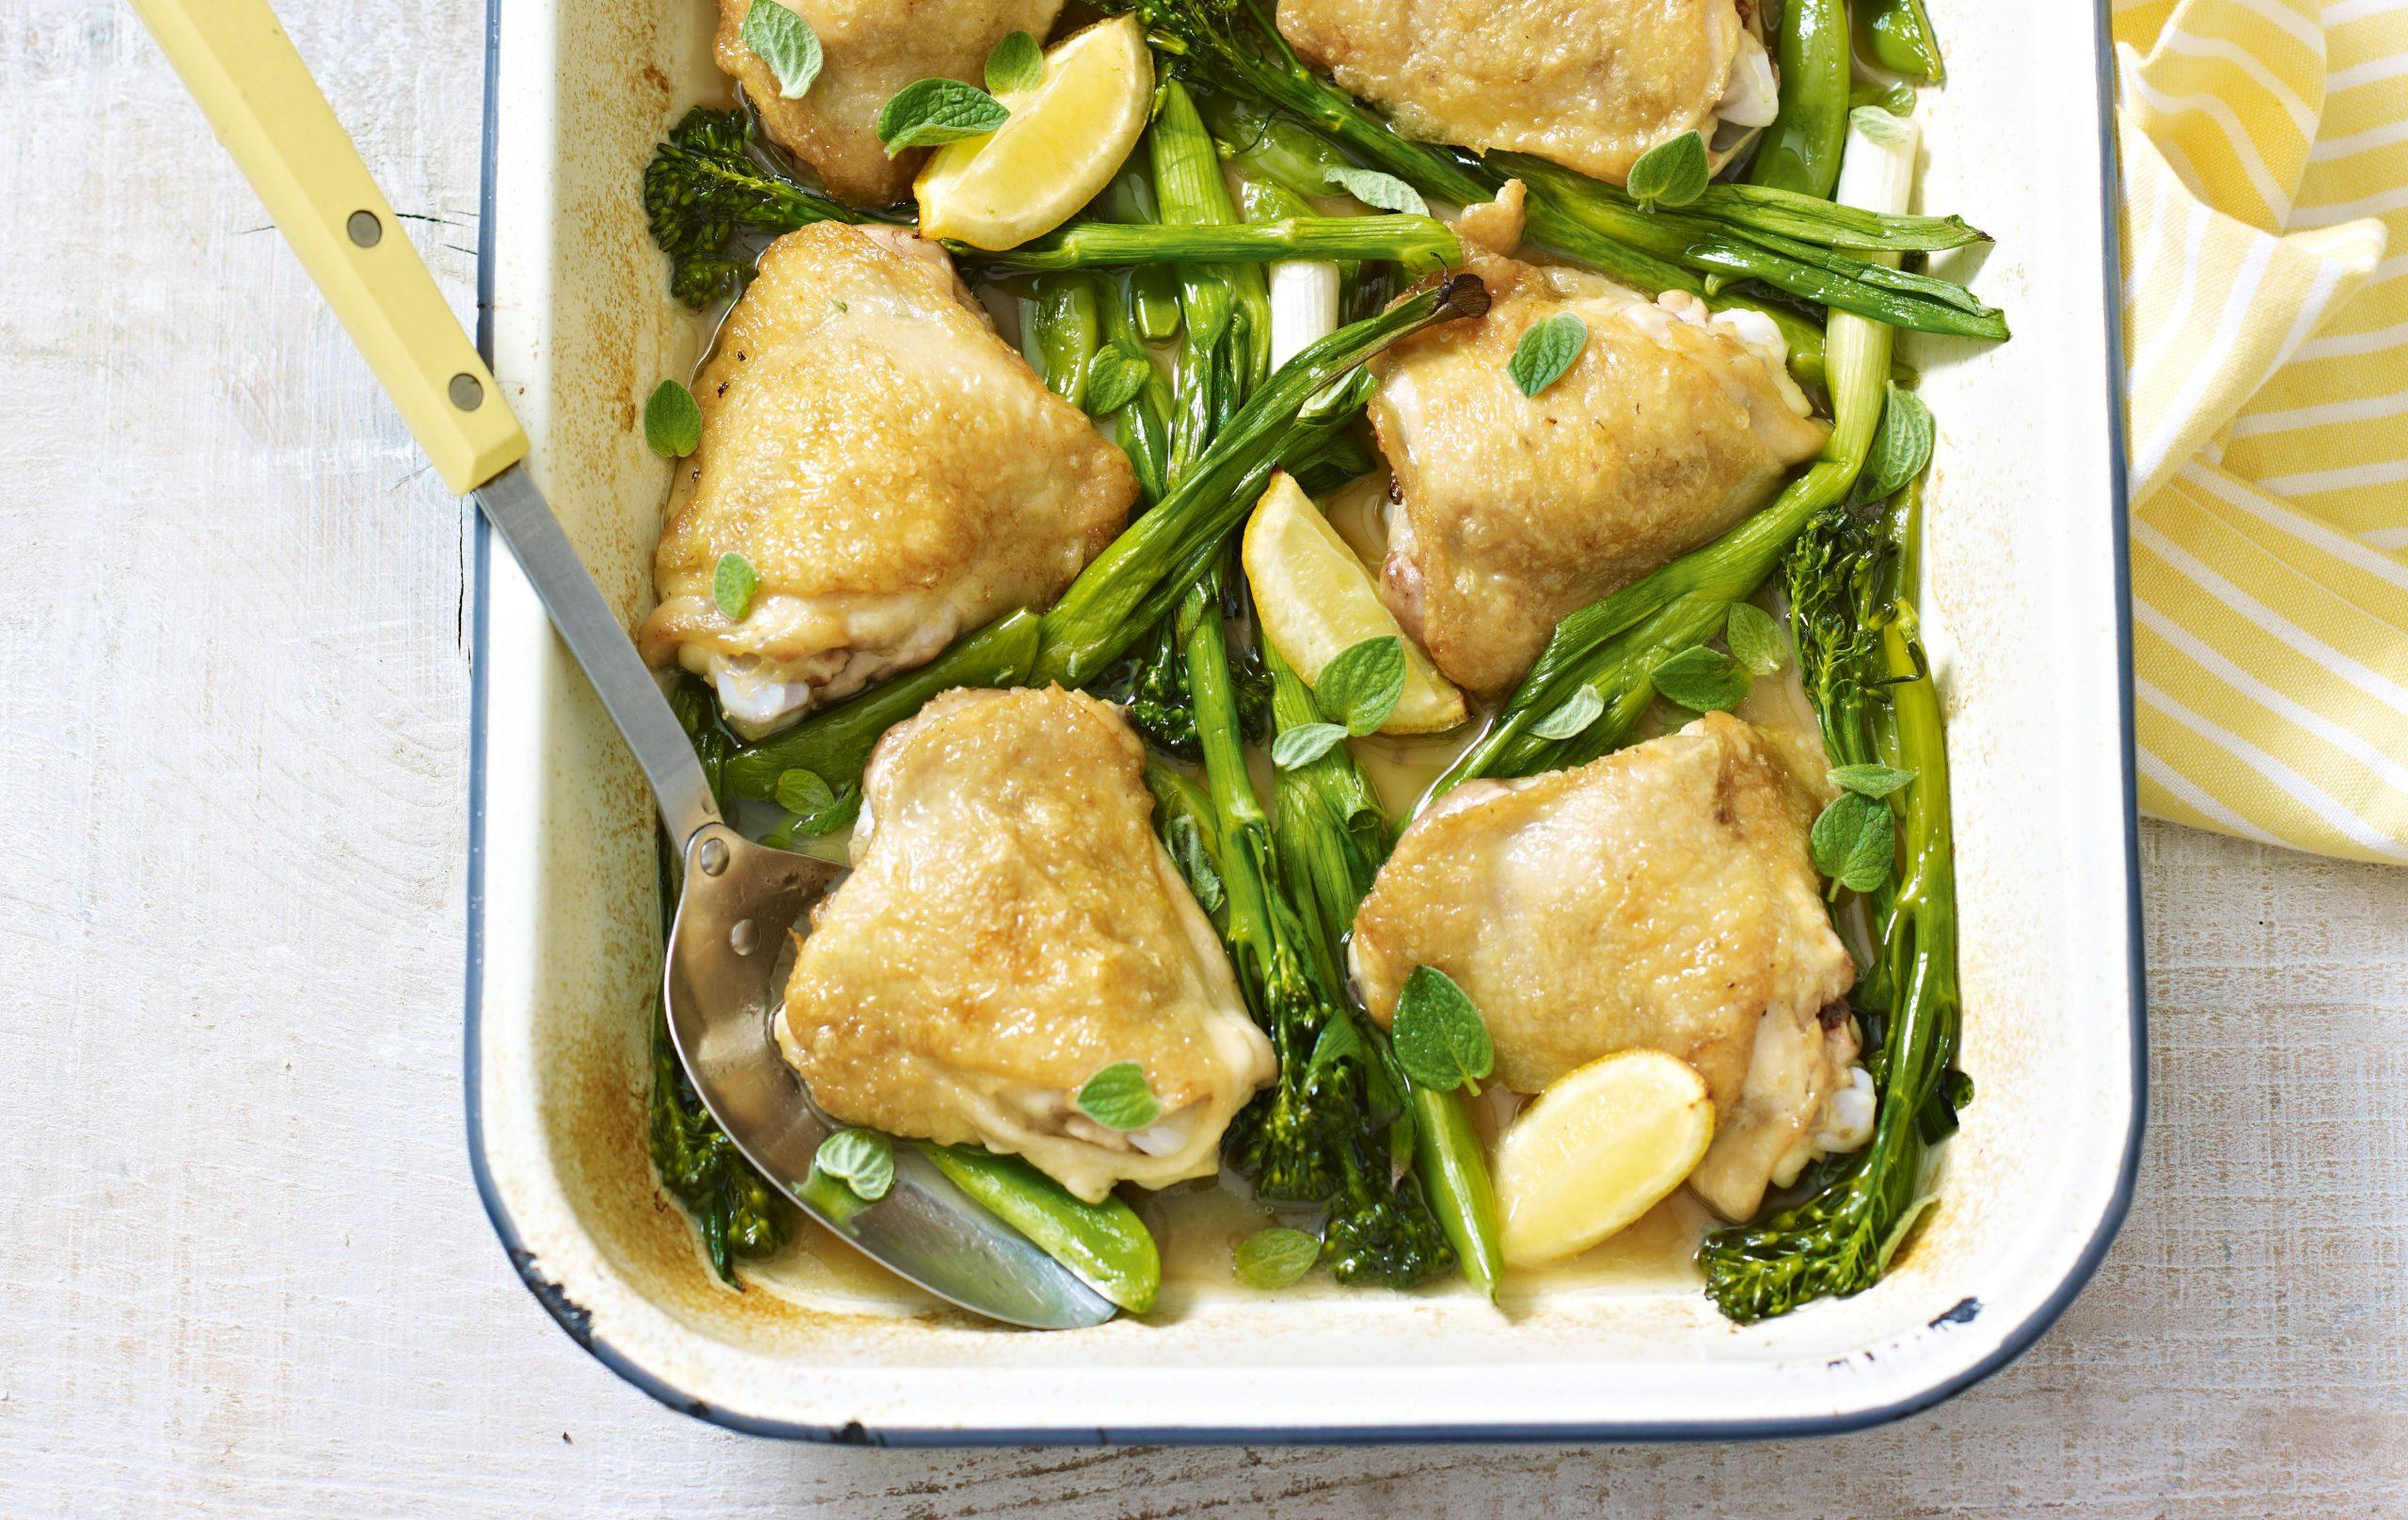 Barquette de poulet de printemps avec légumes verts, repas hypocaloriques